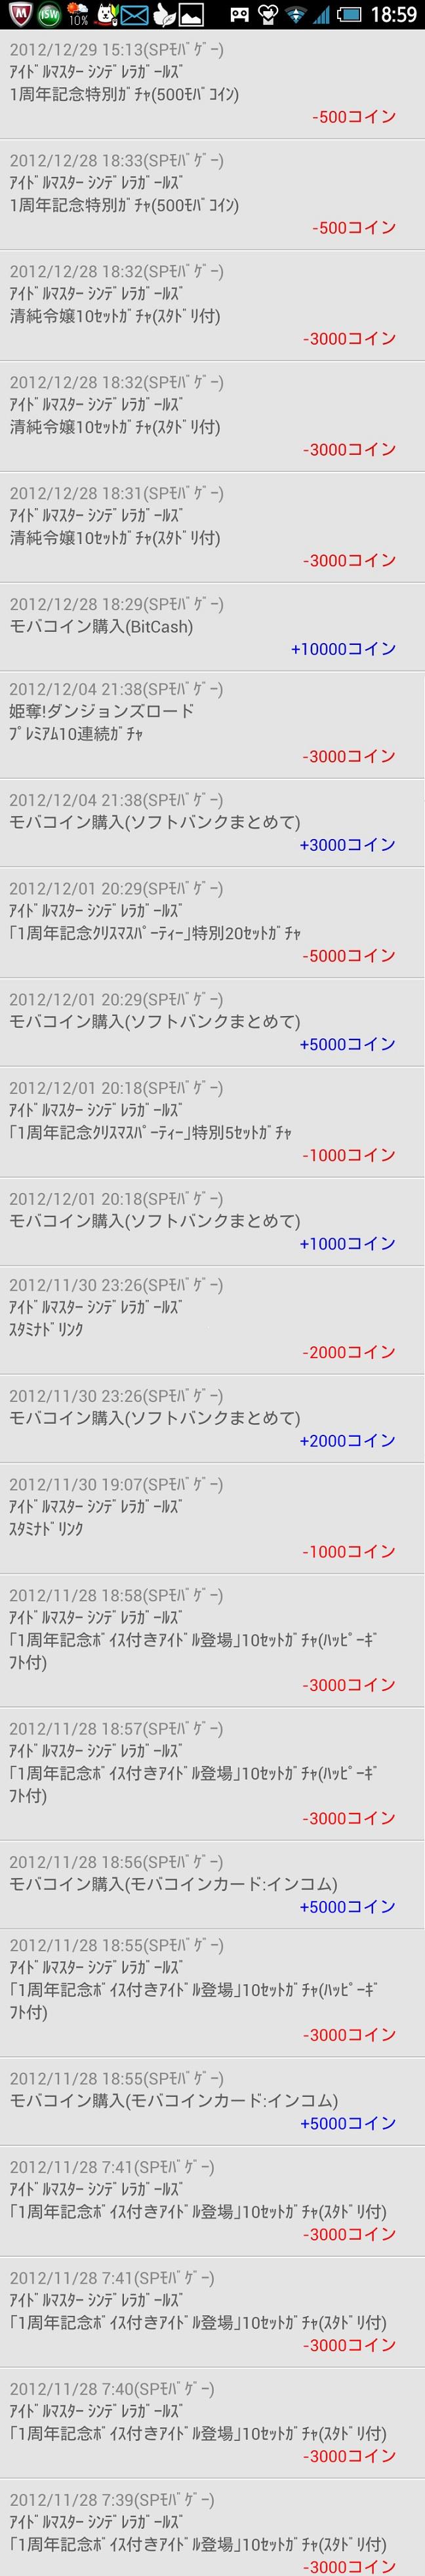 2012-12-29-18-59-21.jpg